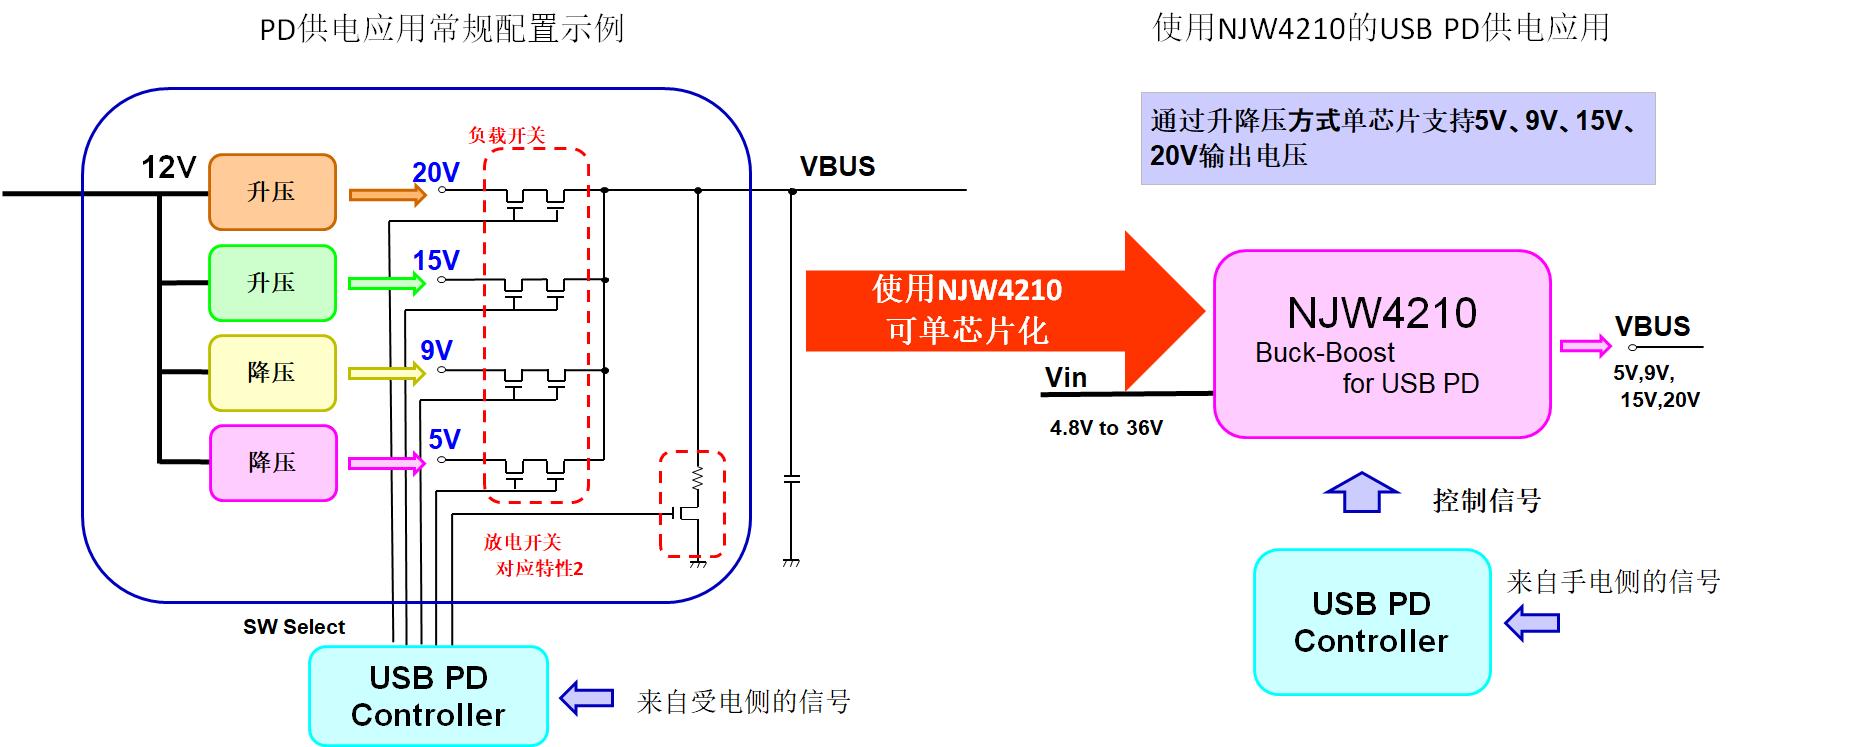 新日本无线最新推出一款应对USB PD快充的 升降压型DCDC转换器NJW4210,内置有输出电压切换功能